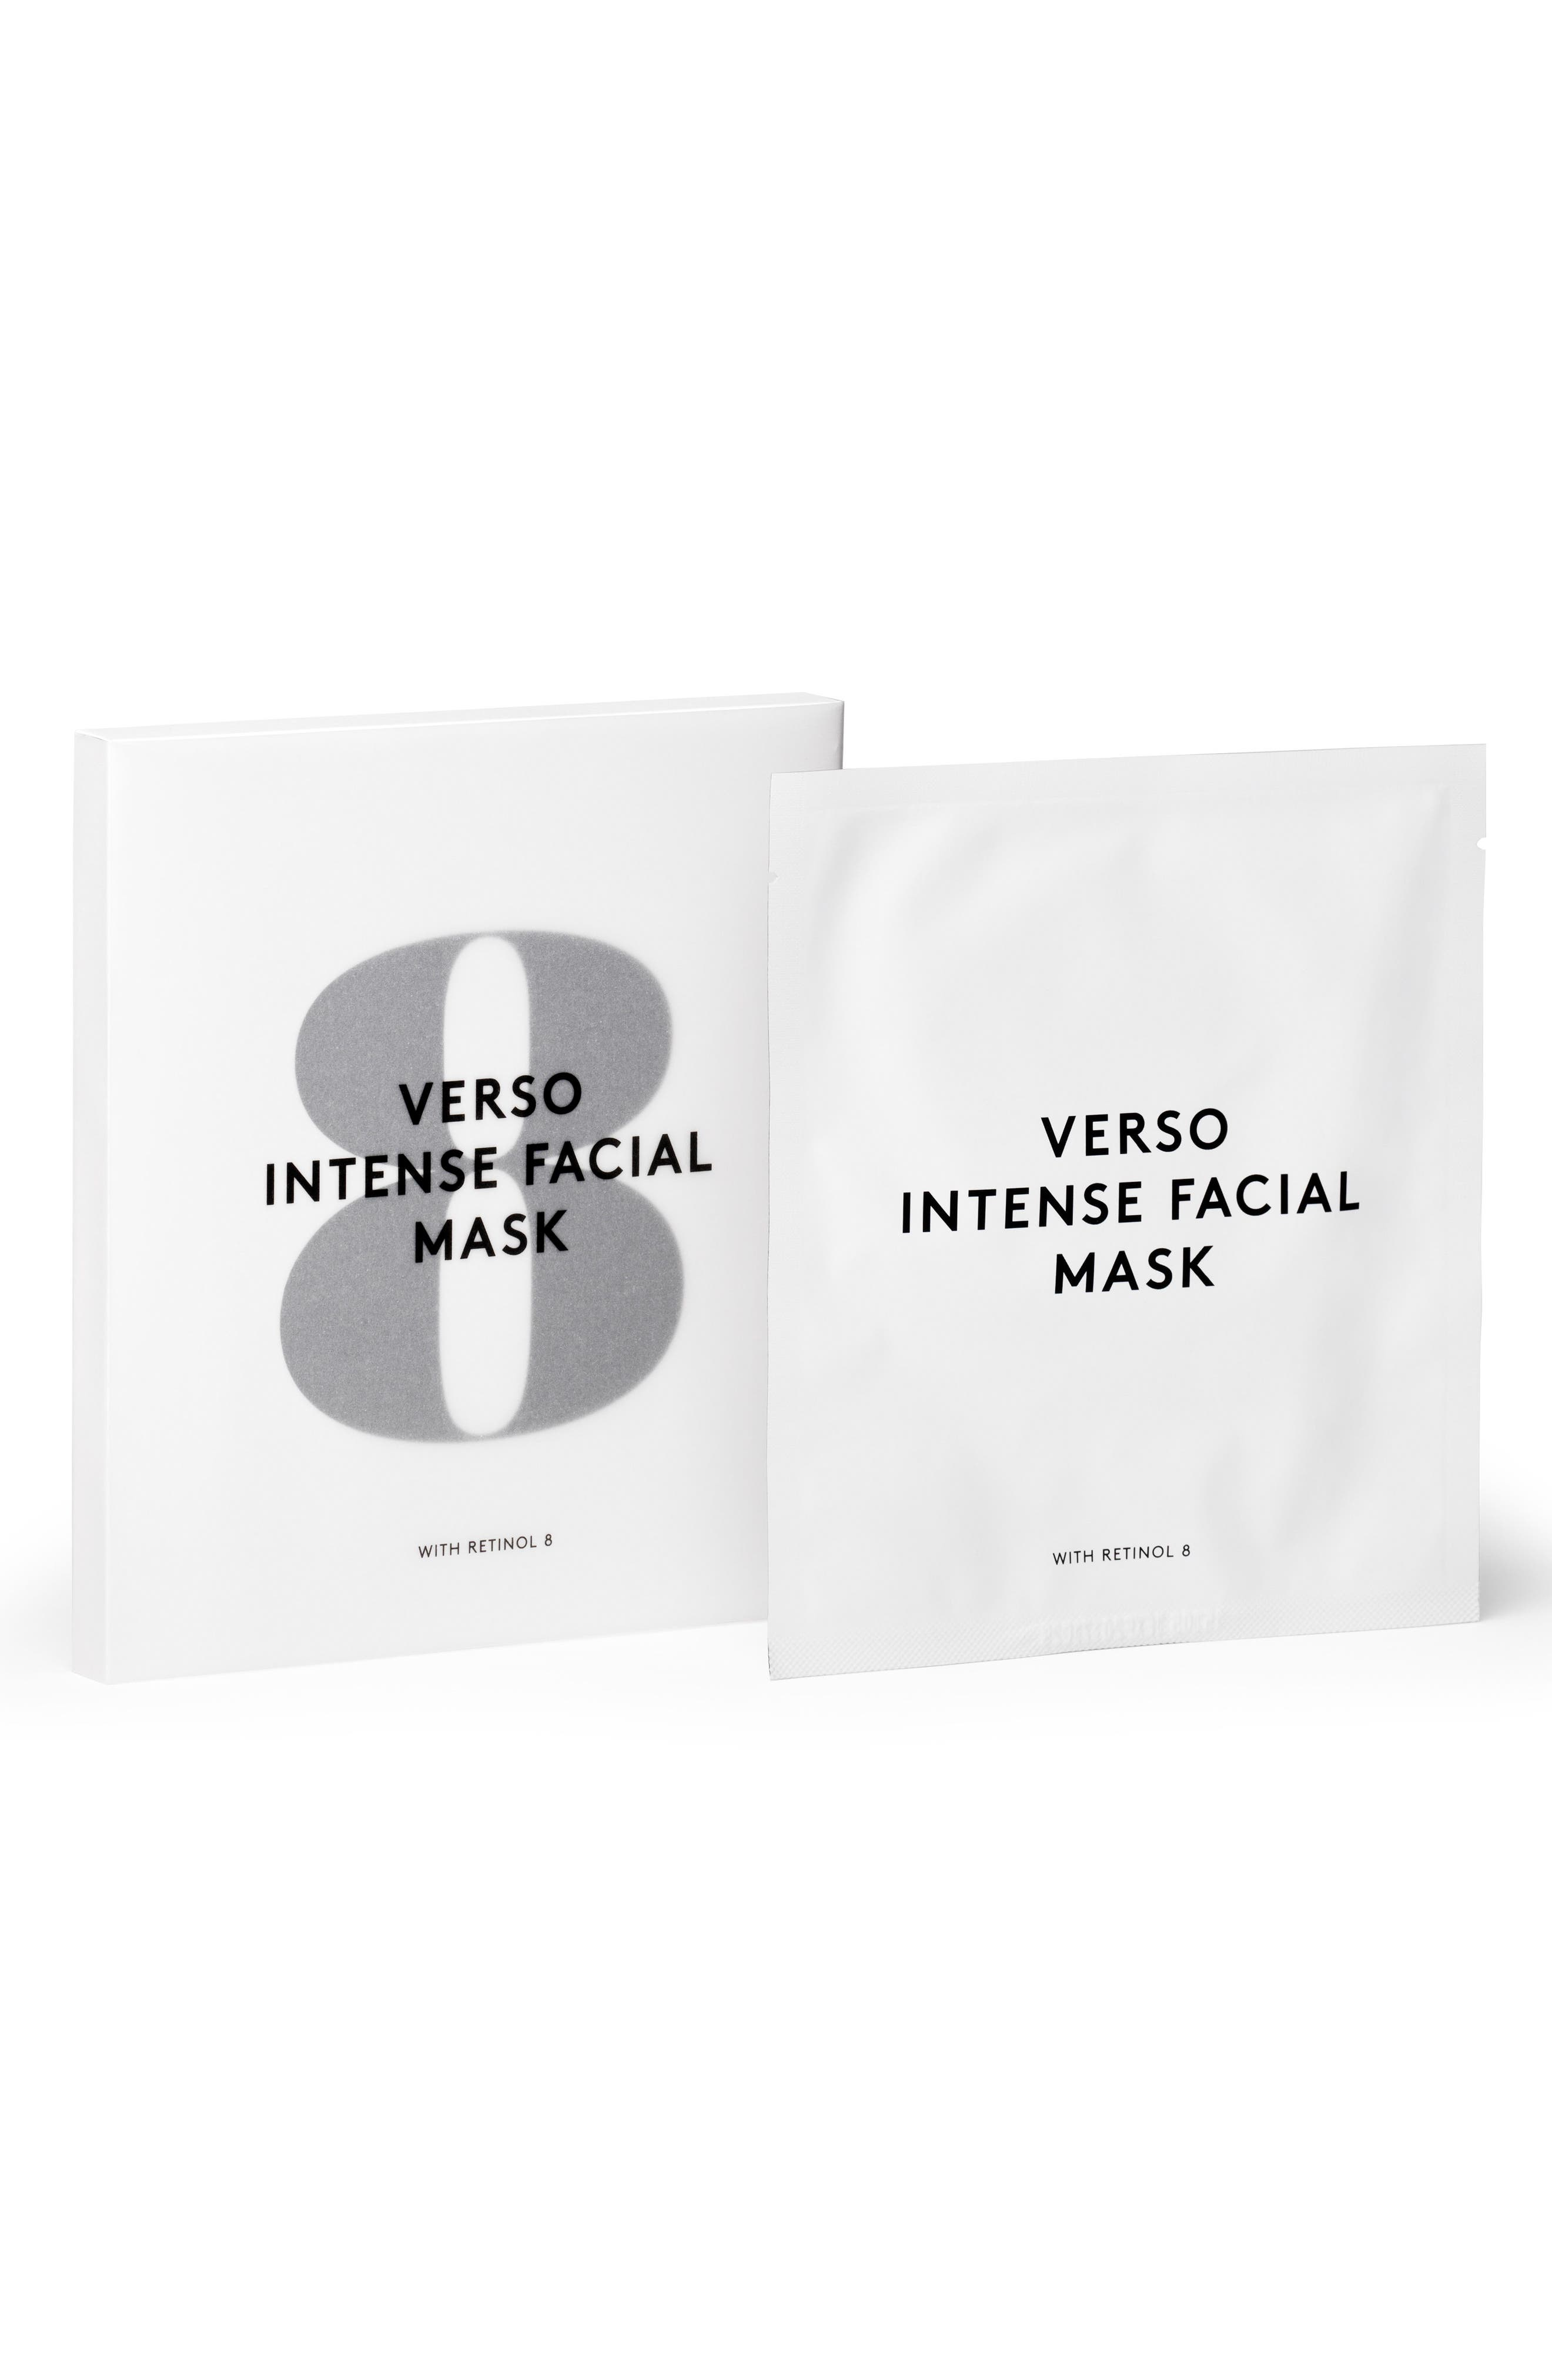 VERSO,                             SPACE.NK.apothecary Verso Skincare Intense Facial Mask,                             Main thumbnail 1, color,                             NO COLOR